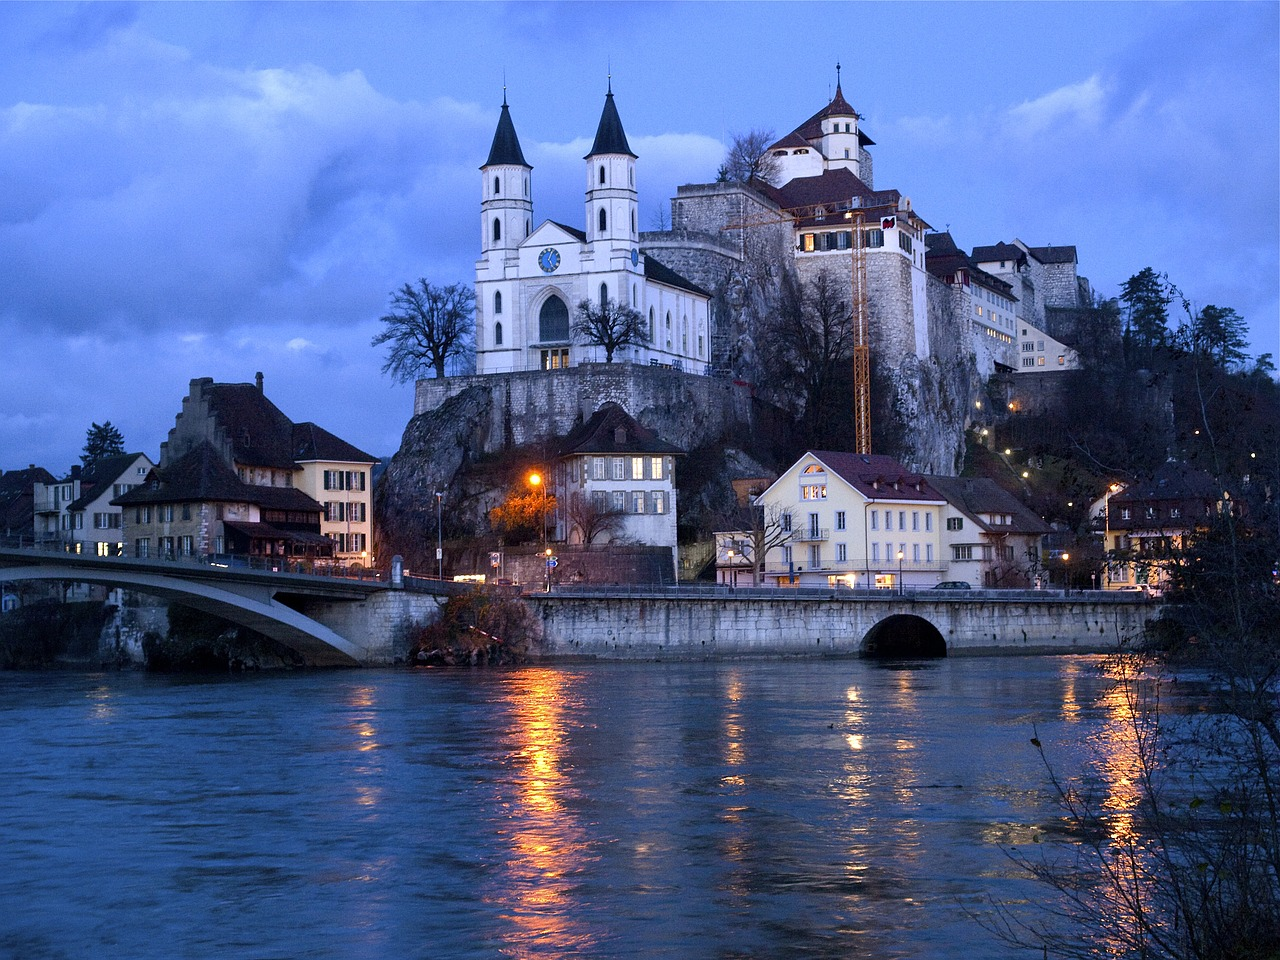 borghi svizzera tedesca